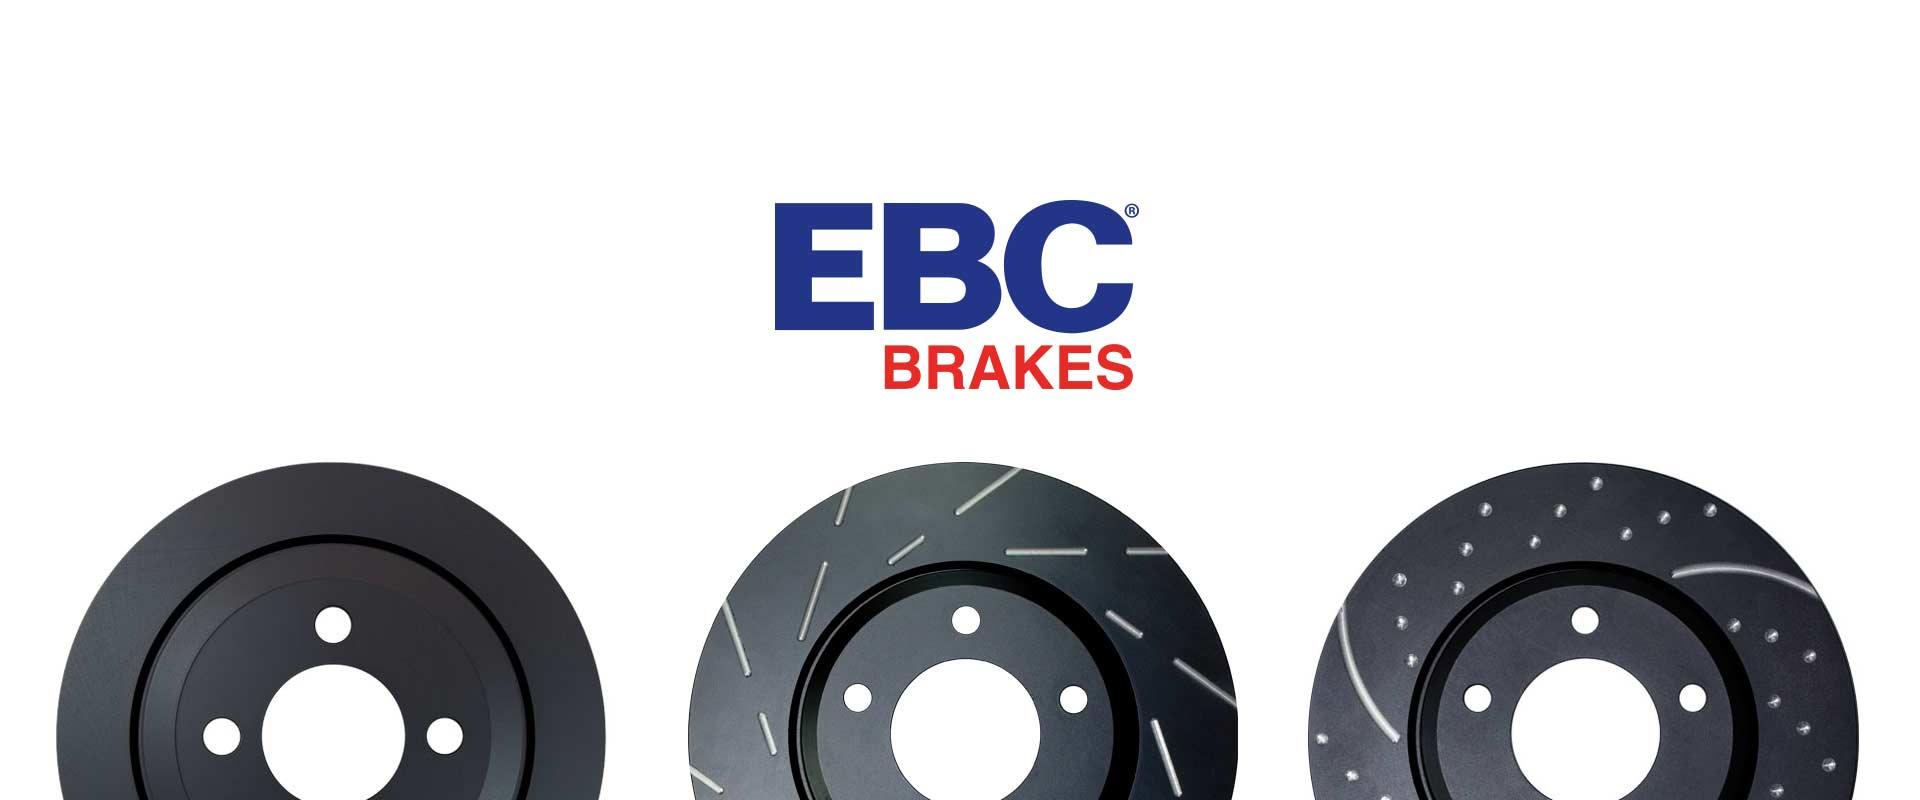 Automotive Brake Discs ดิสก์เบรค จานเบรค